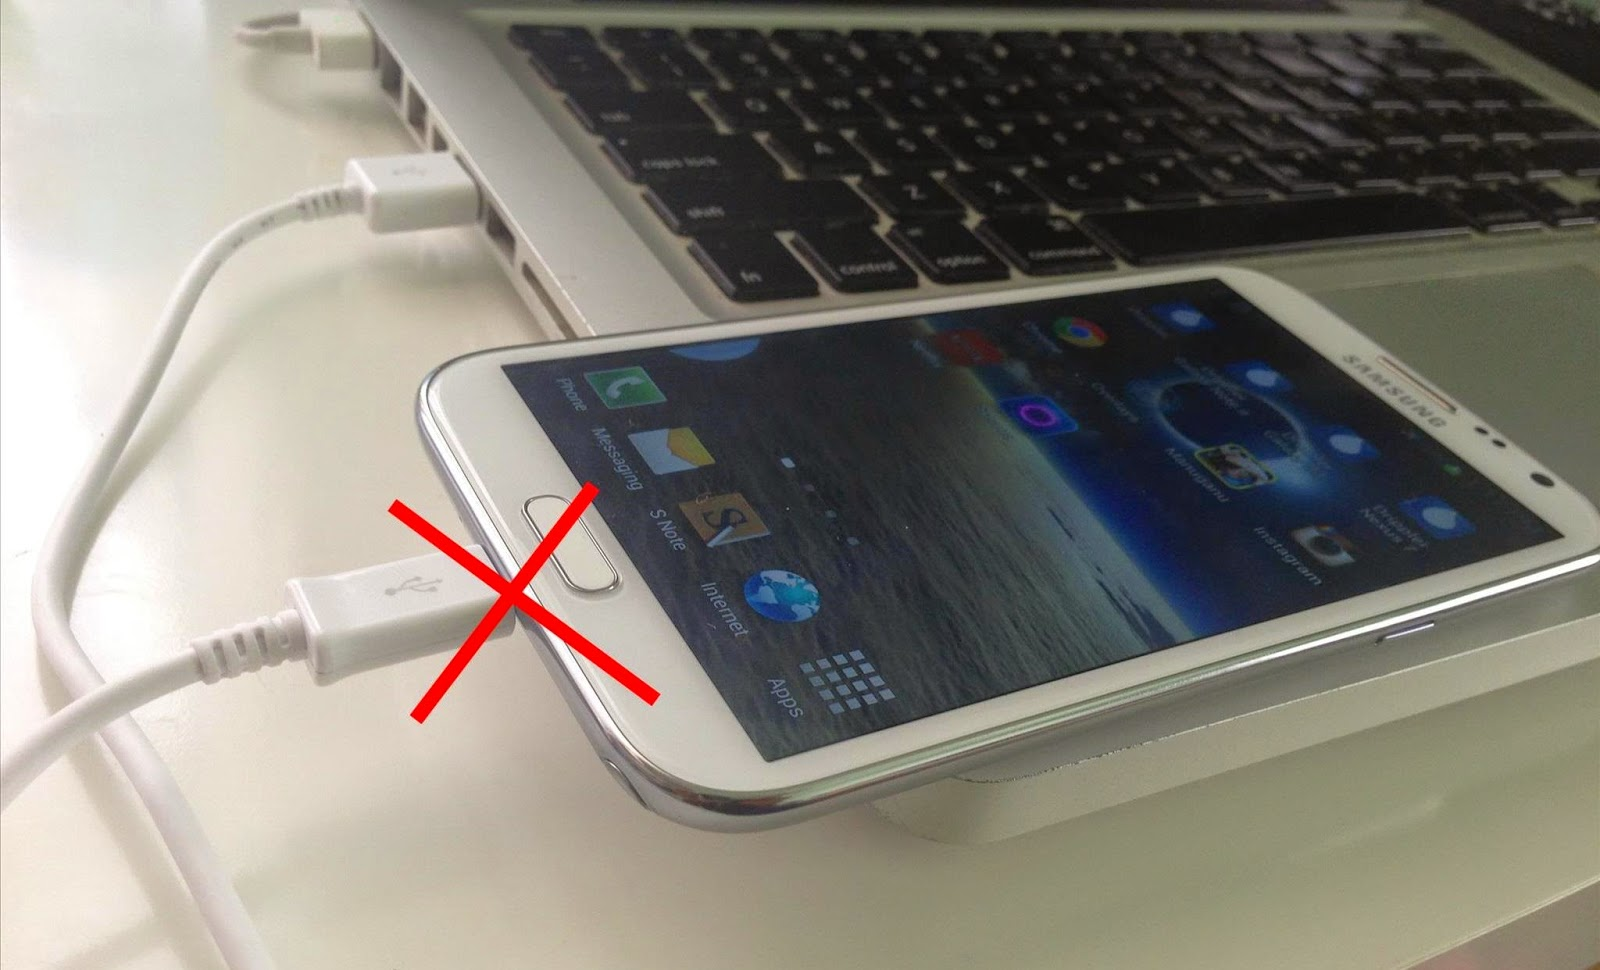 Mitos Salah Tentang Charging Gadget